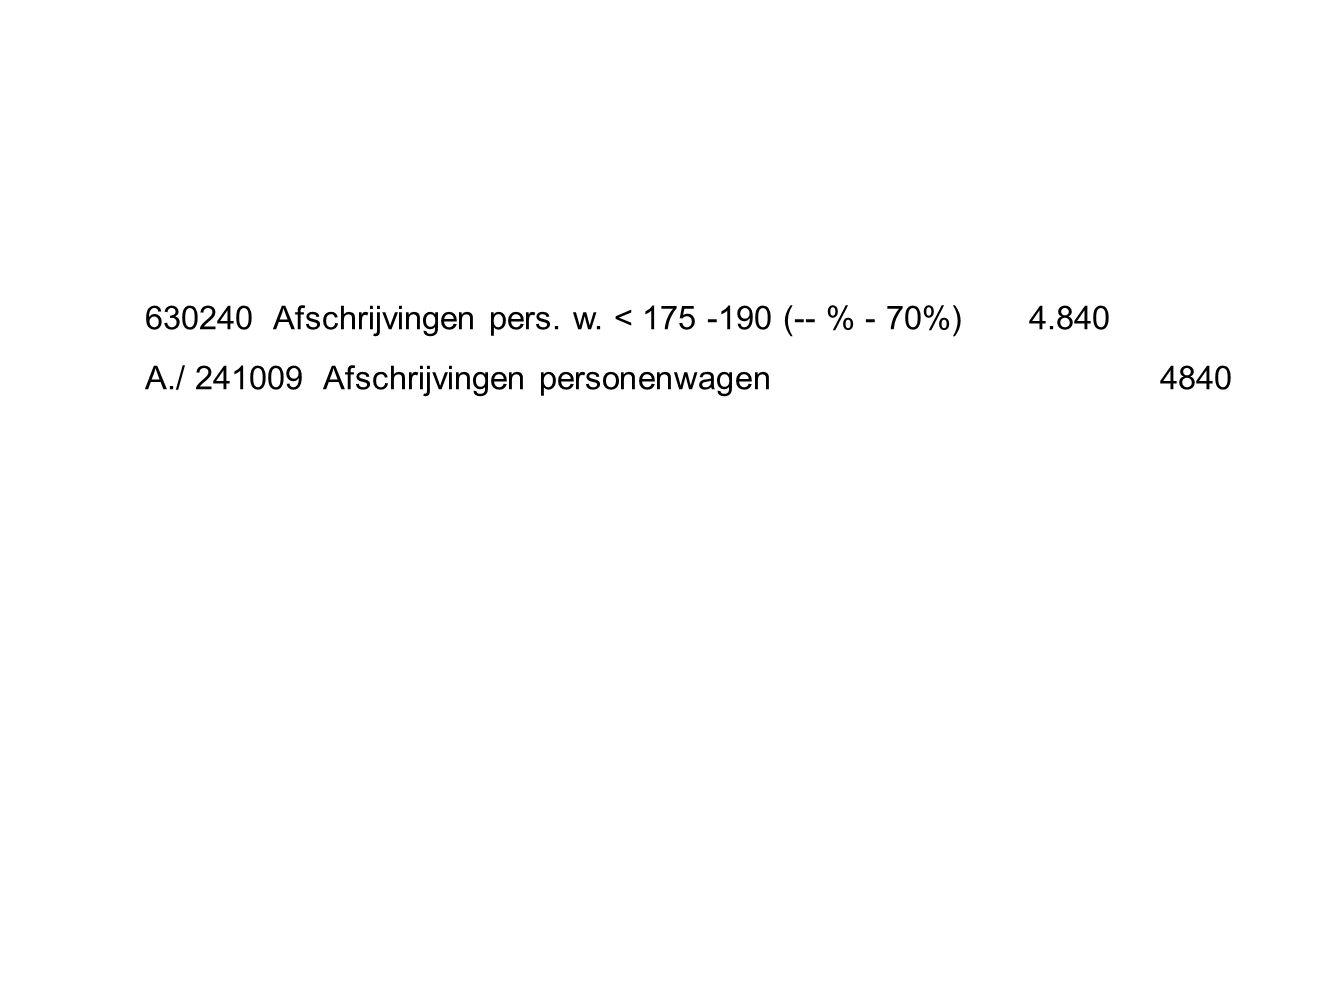 630240 Afschrijvingen pers. w. < 175 -190 (-- % - 70%) 4.840